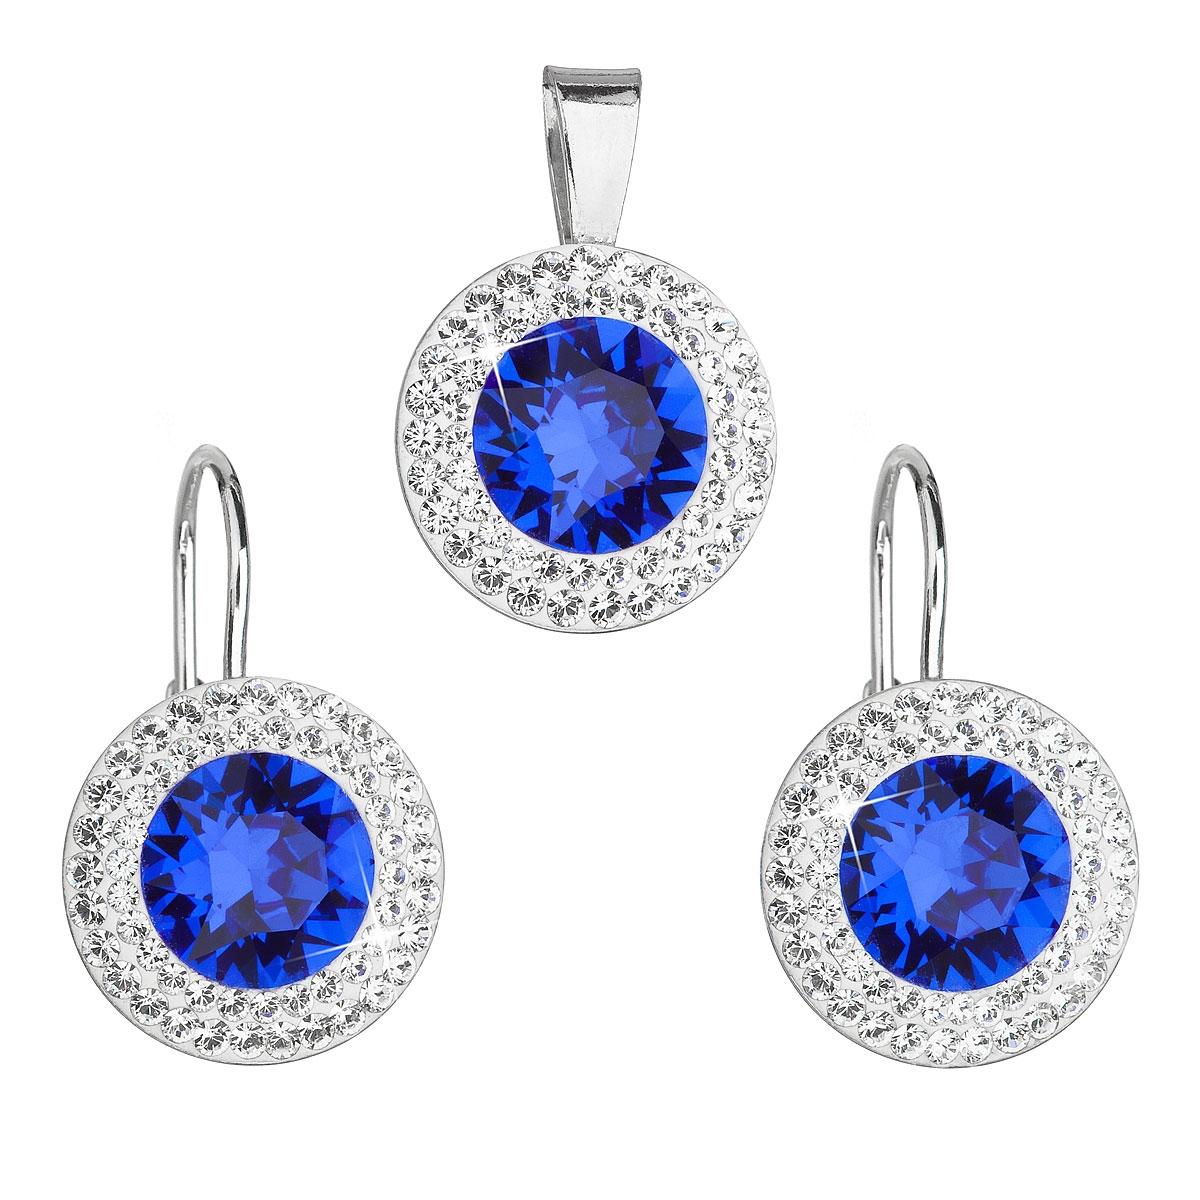 Stříbrná spouprava šperků Crystals from Swarovski® Majestic Blue